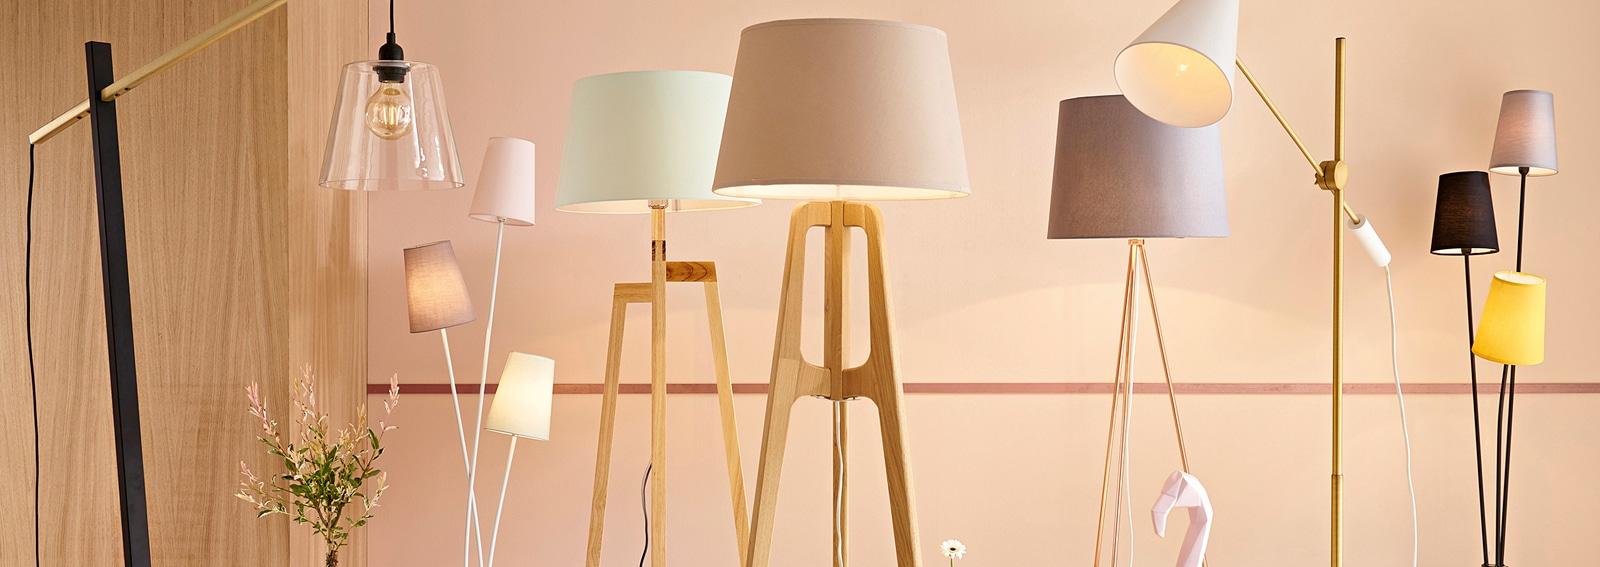 Illuminazione Per Casa Al Mare maisons du monde: 10 lampade dal nuovo catalogo dedicato all